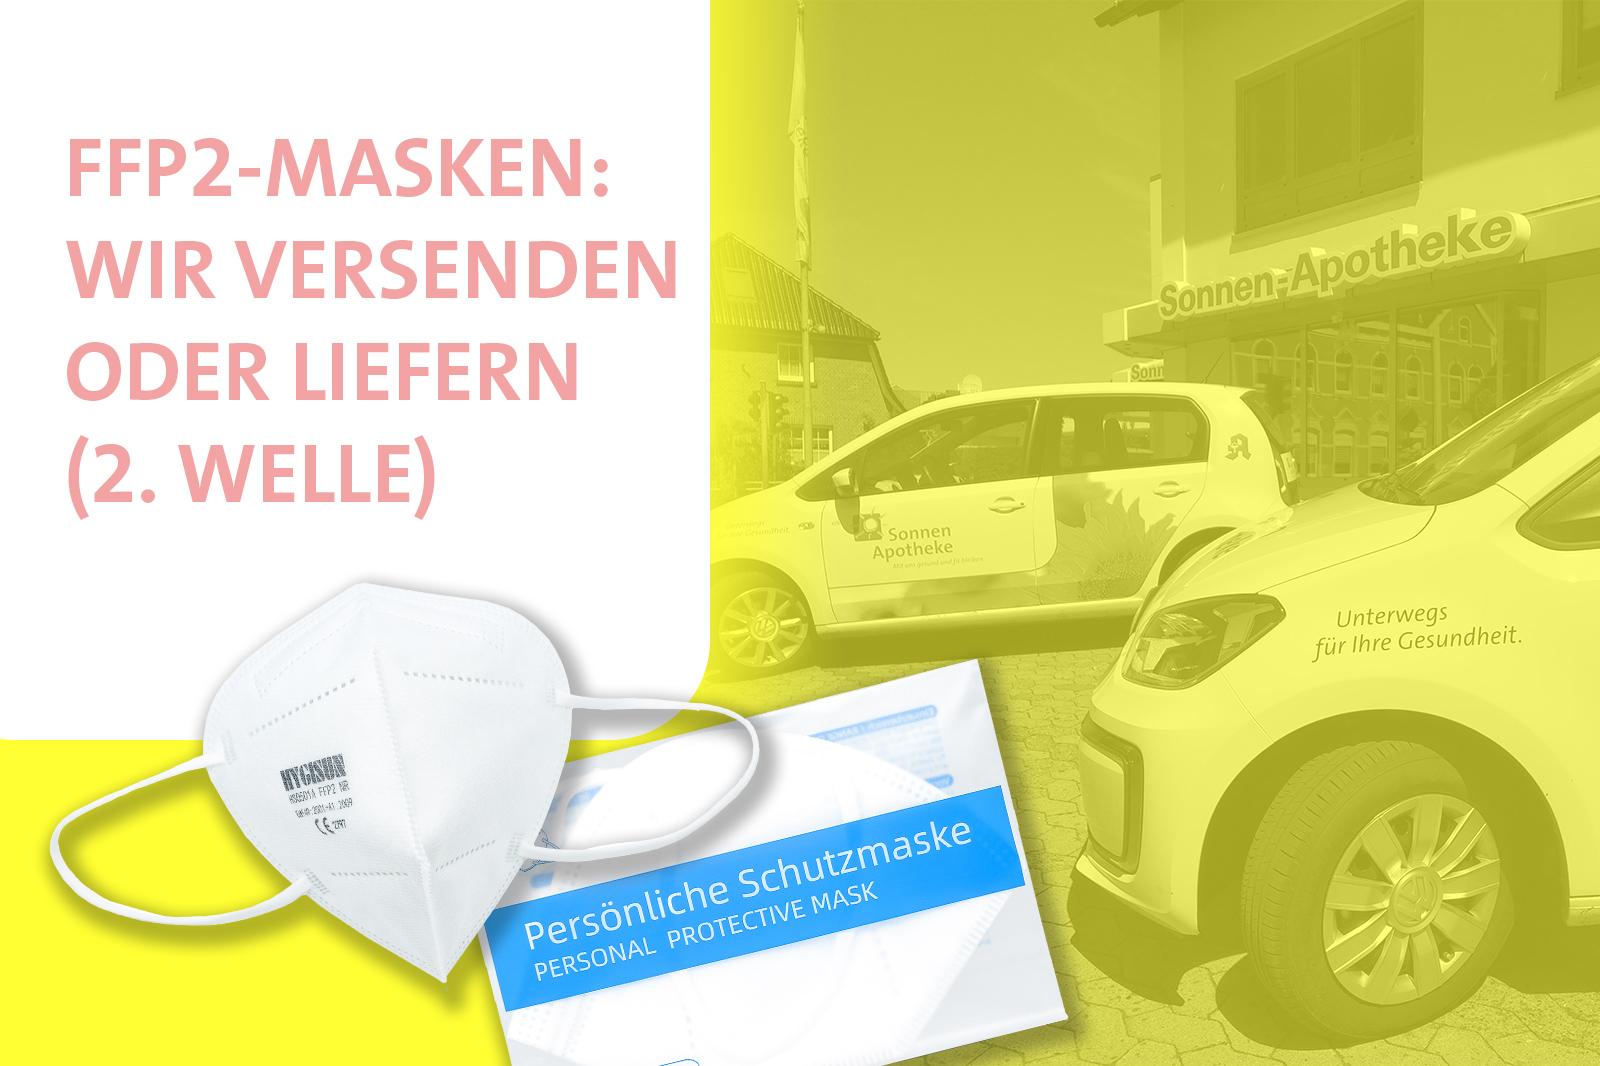 Versand oder Lieferung von FFP2-Masken